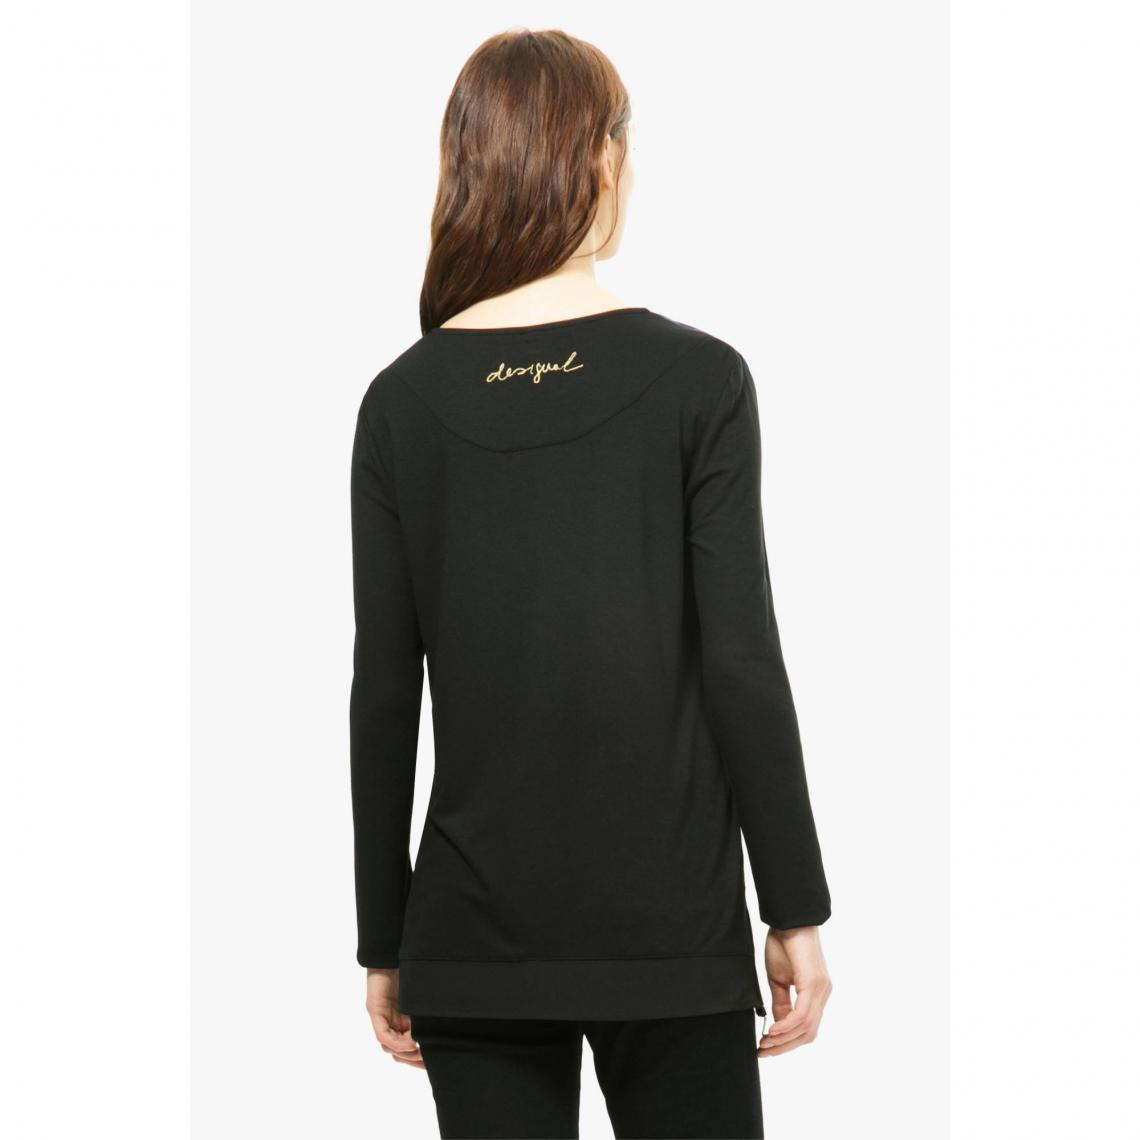 5224686476aca T-shirt tunique manches longues bimatière imprimé fleurs femme ...